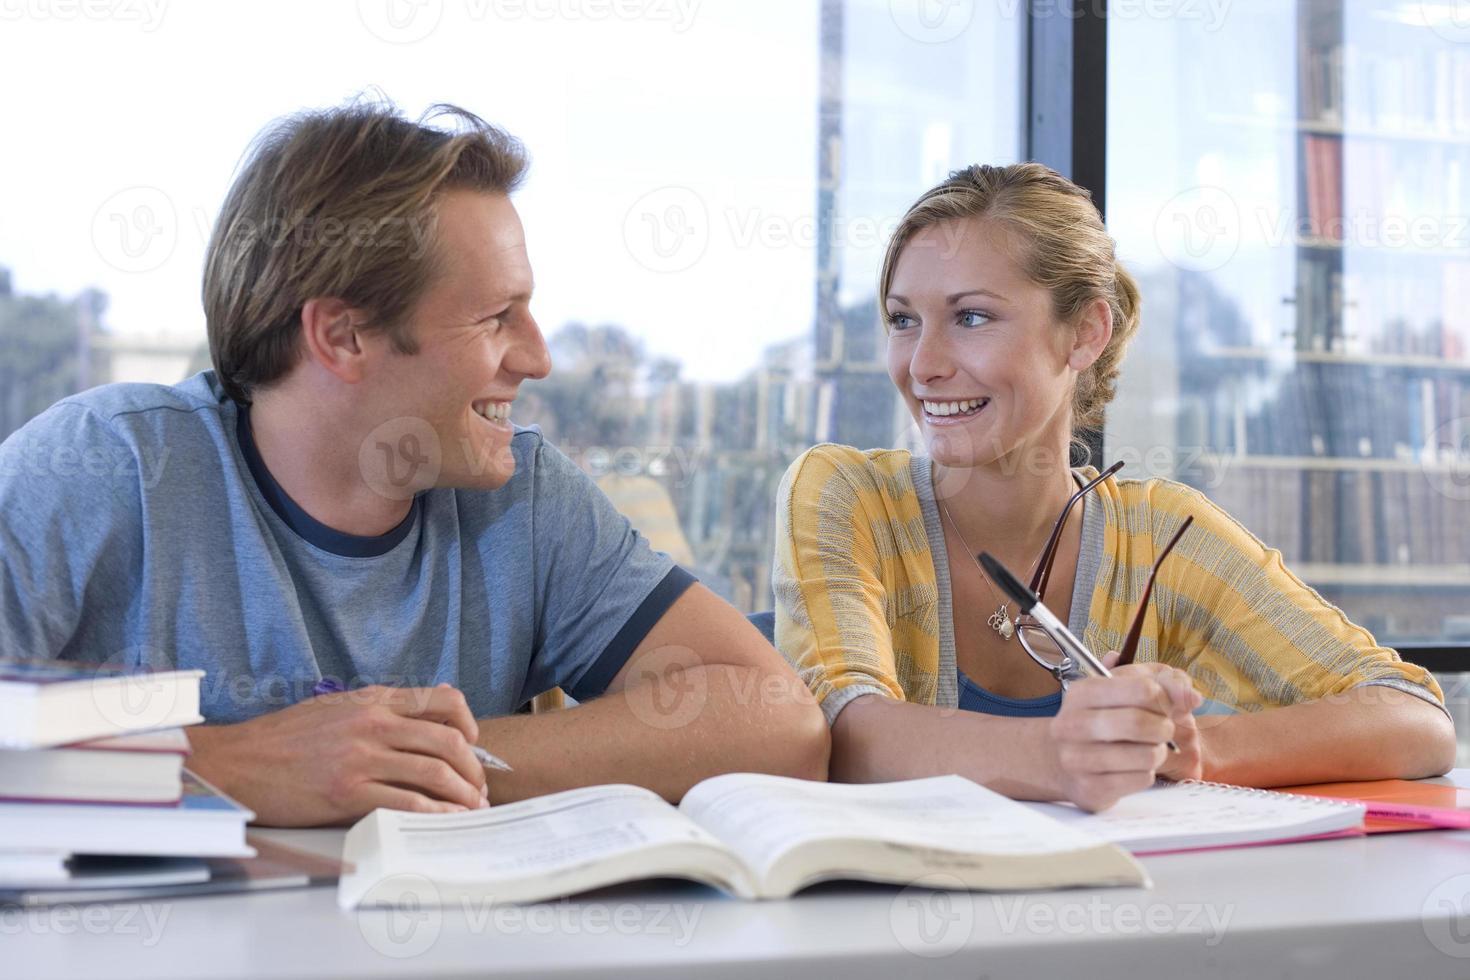 uomo e donna alla scrivania studiando a vicenda, primo piano foto